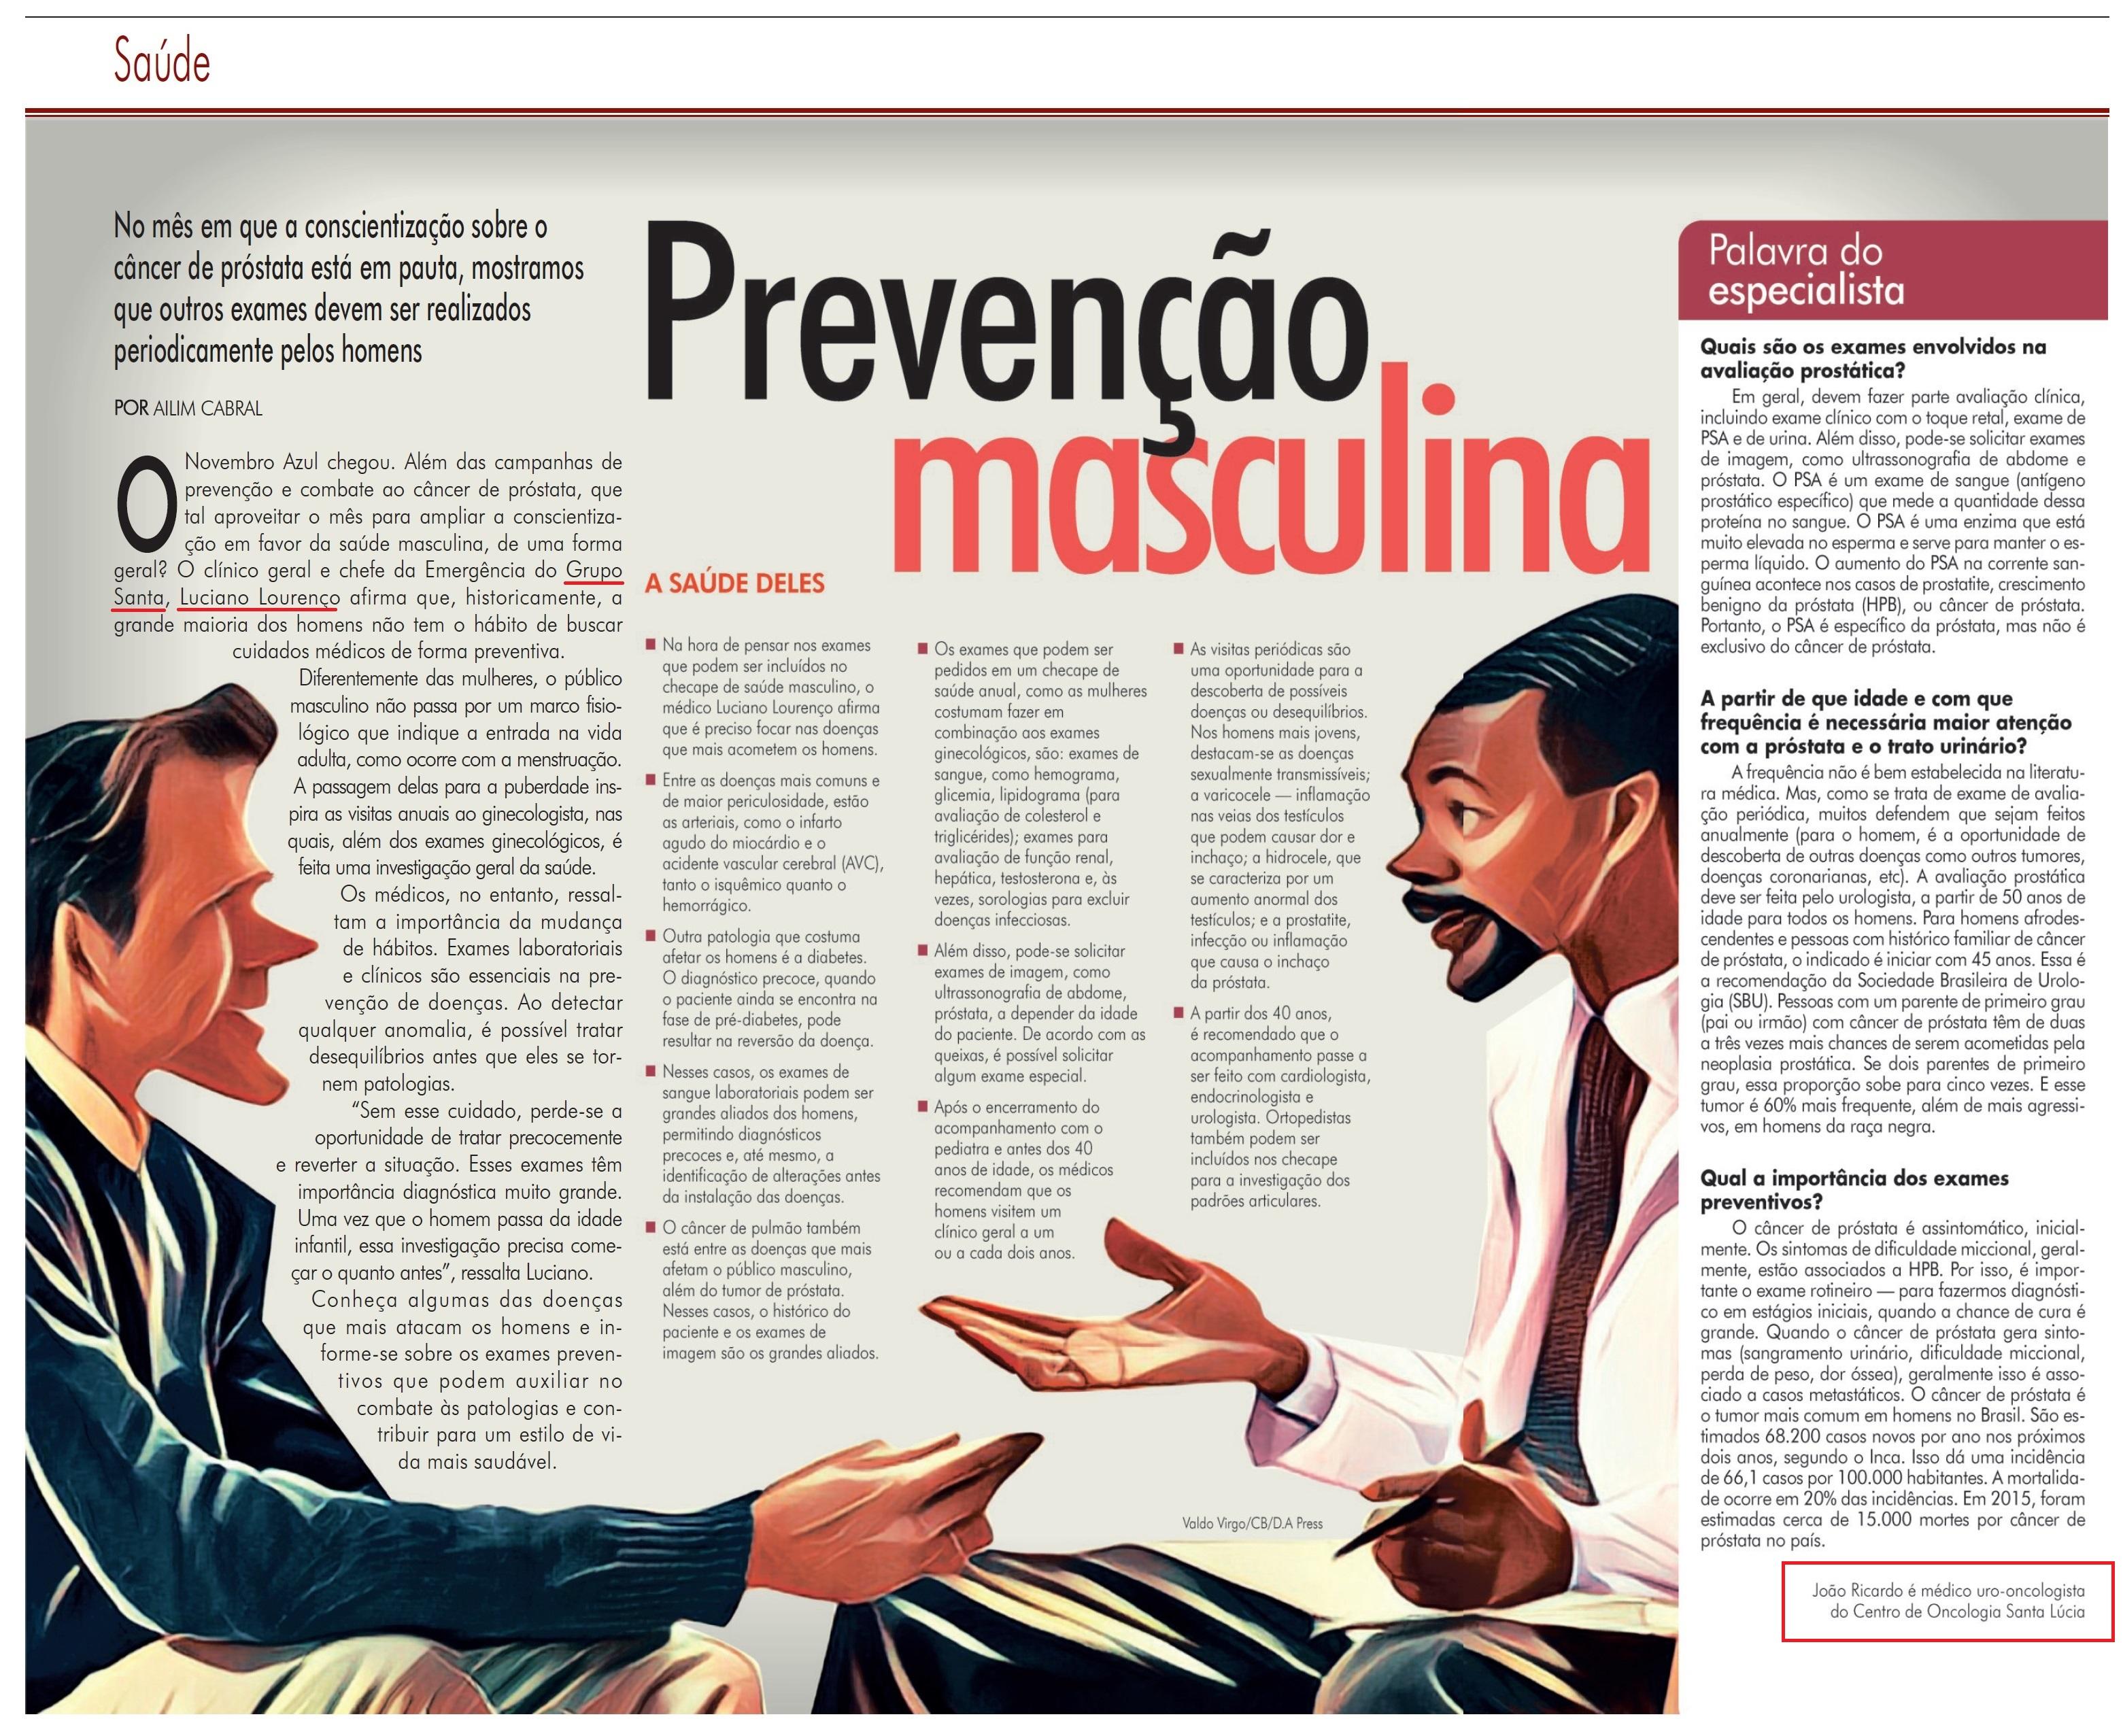 Revista do Correio - Dr. Luciano Lourenço e Dr. João Ricardo HSLS - 04-11-2018